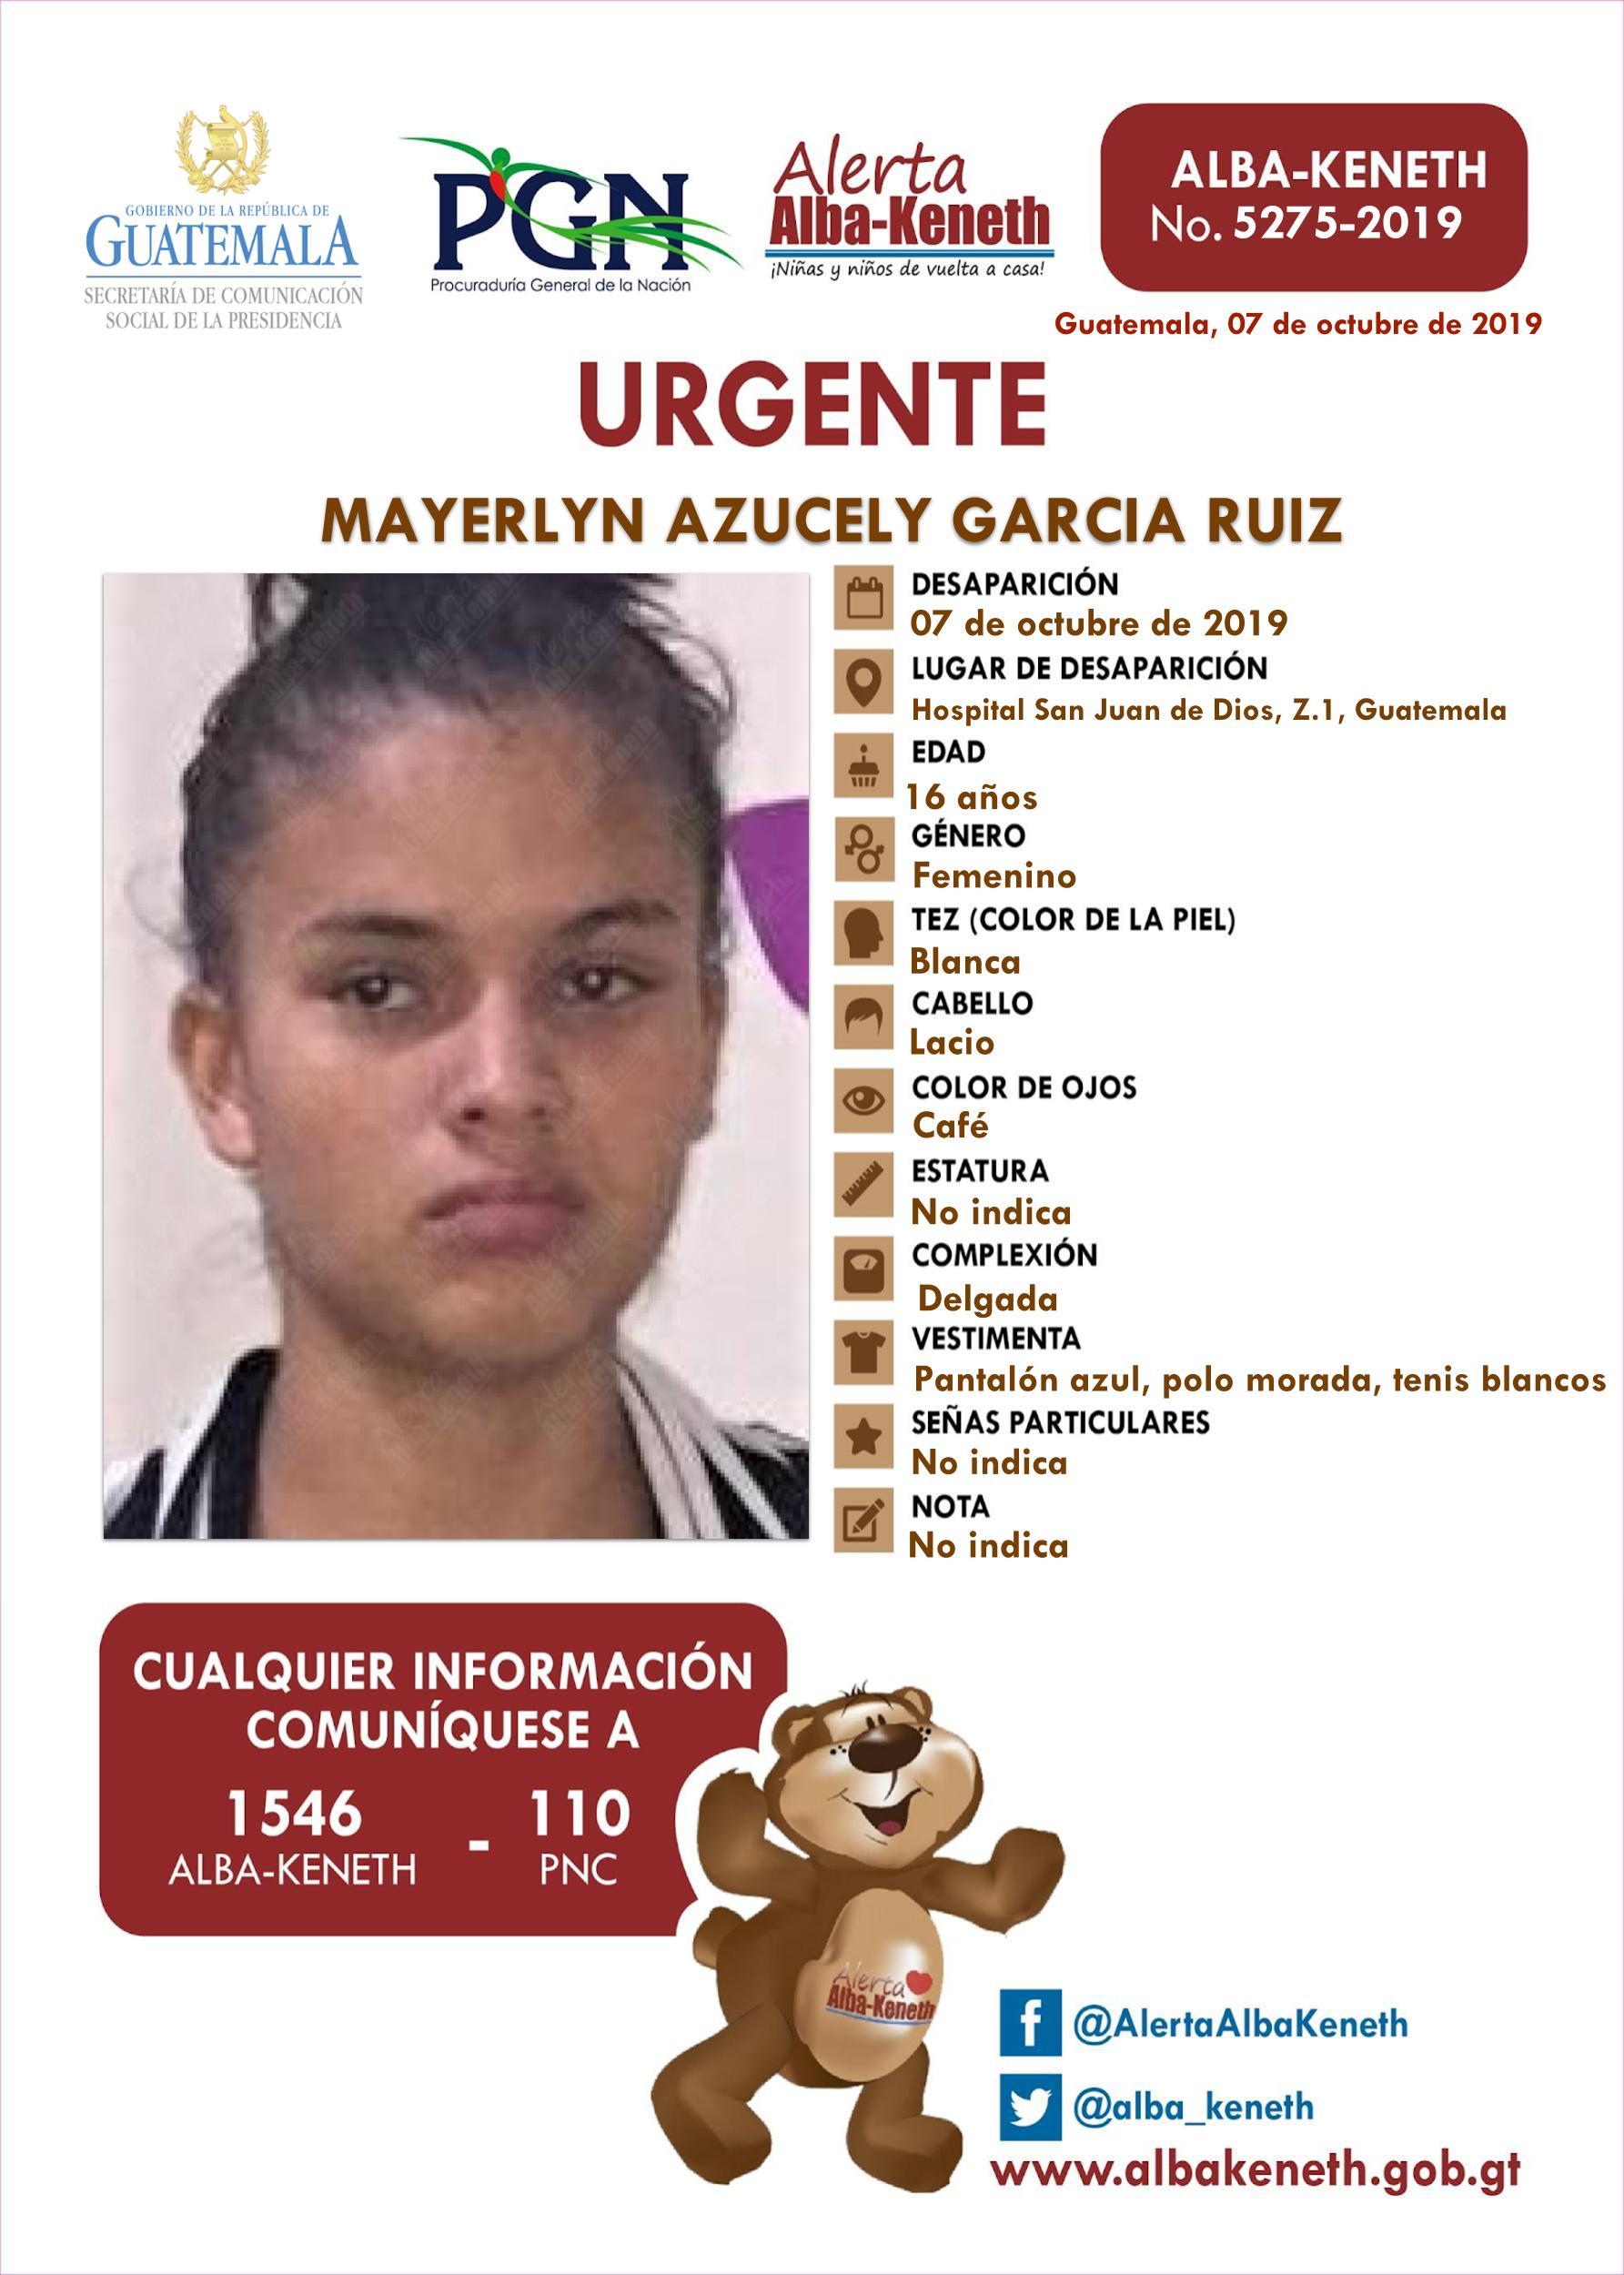 Mayerlyn Azucely Garcia Ruiz